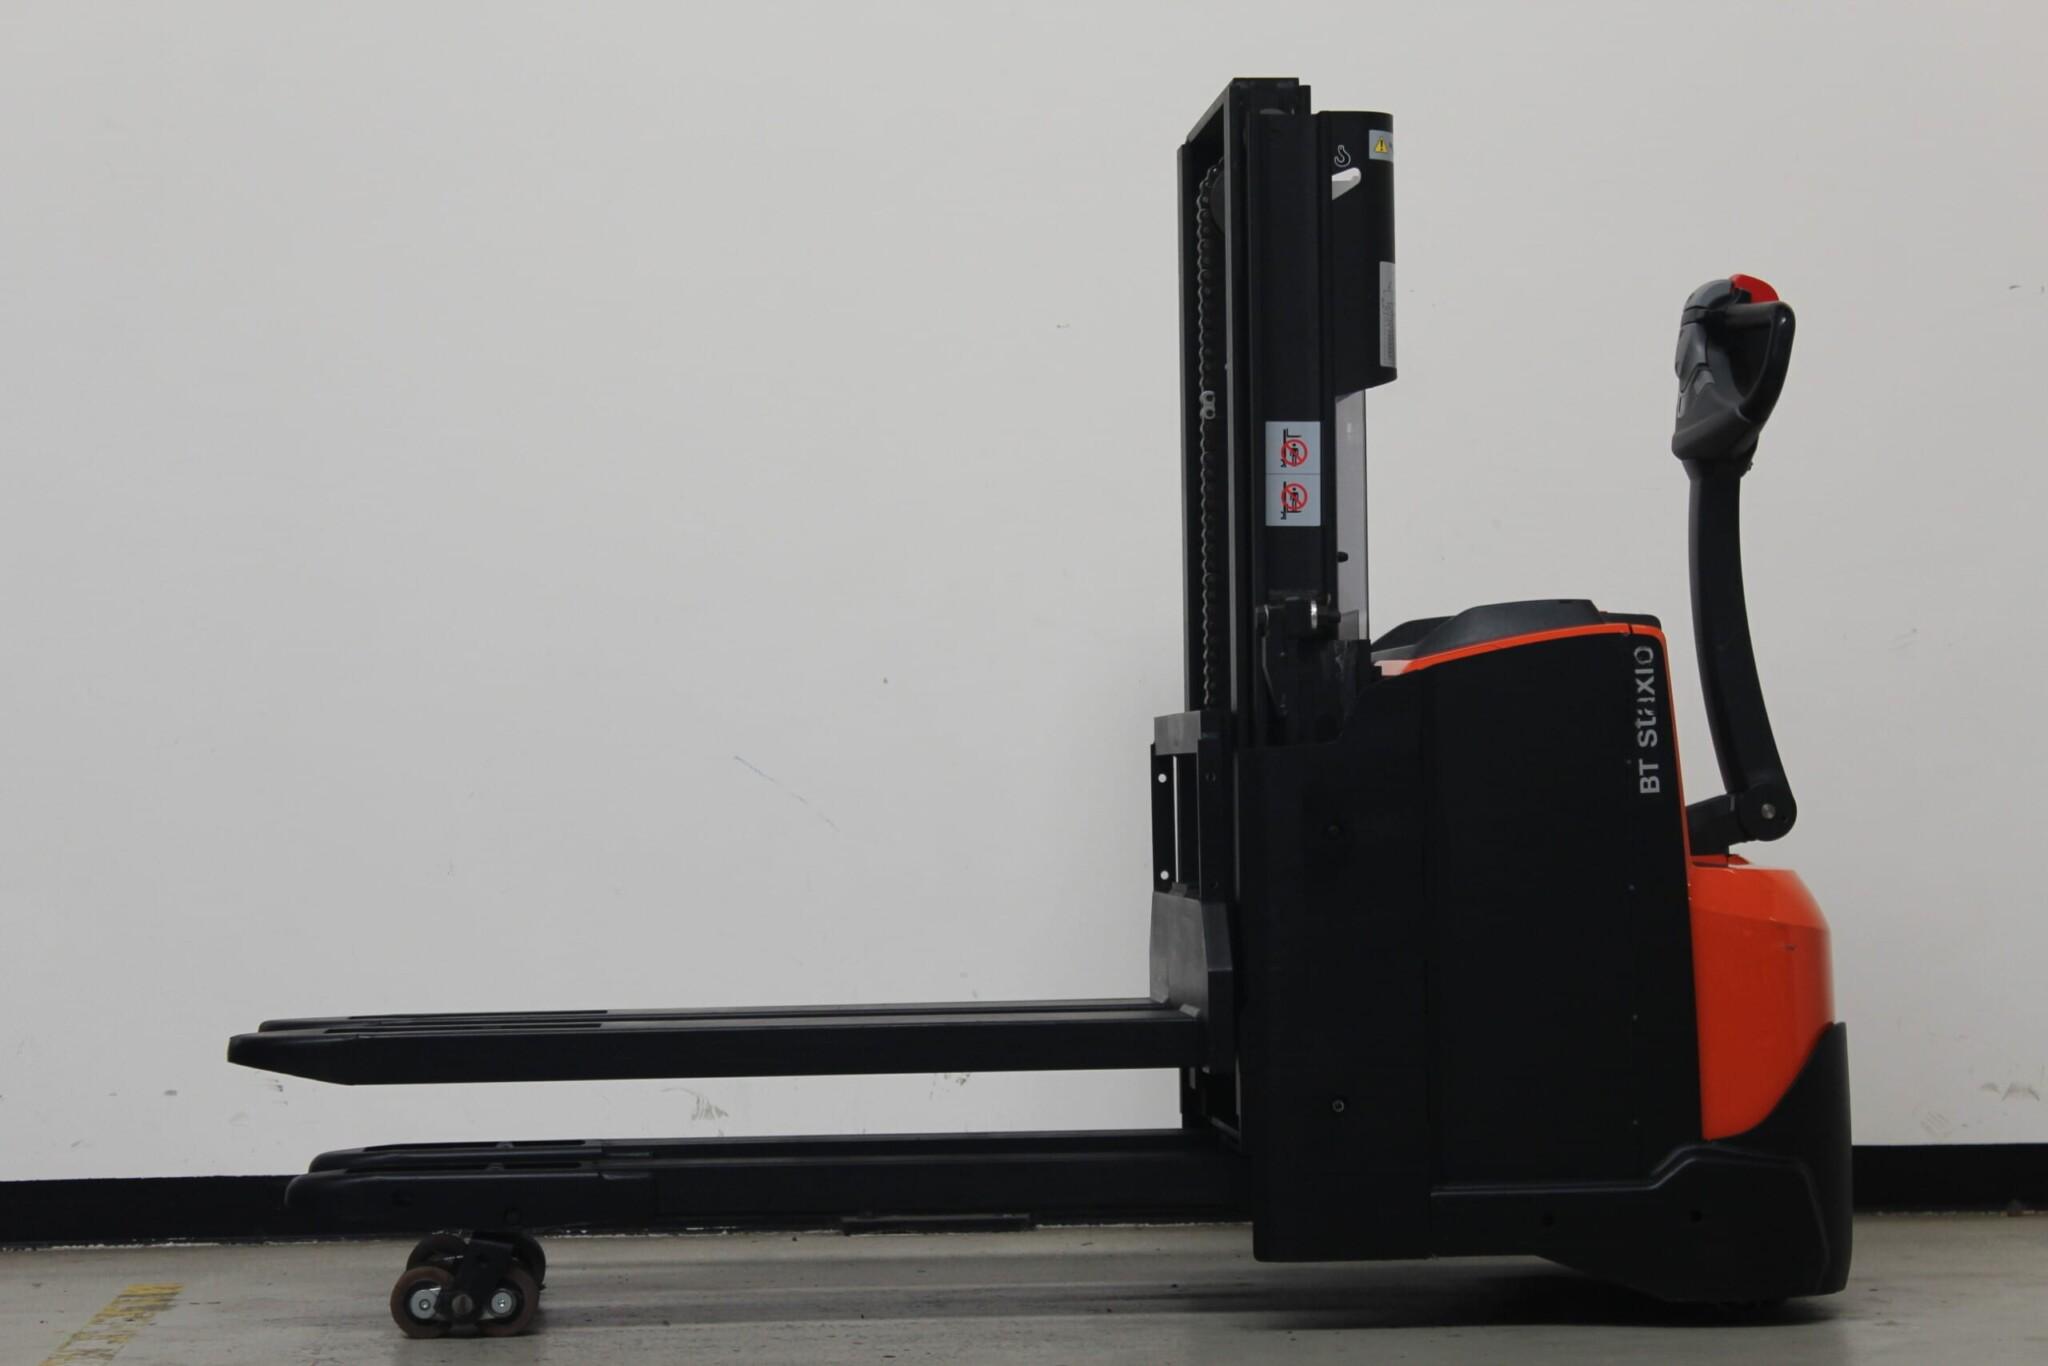 Toyota-Gabelstapler-59840 1912013695 1 scaled